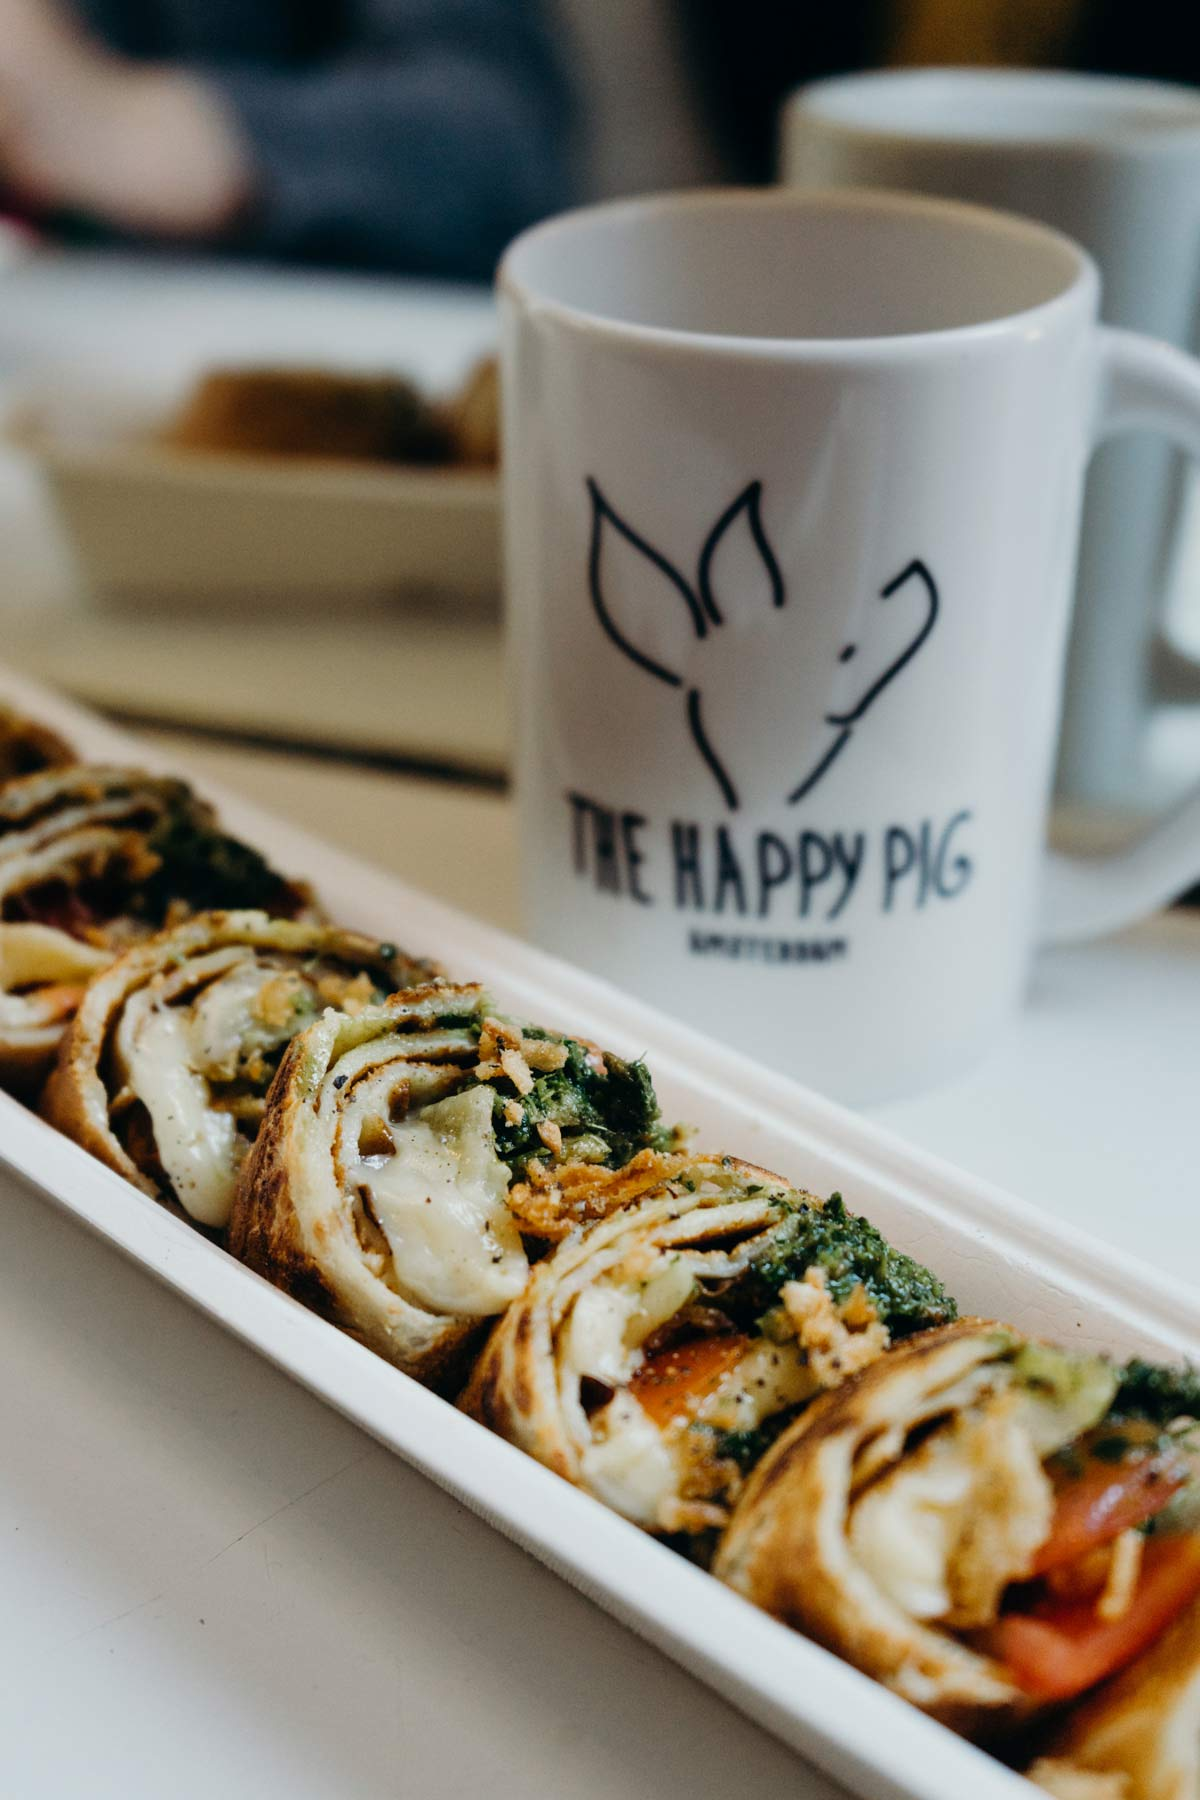 Happy Pig Pfannkuchen